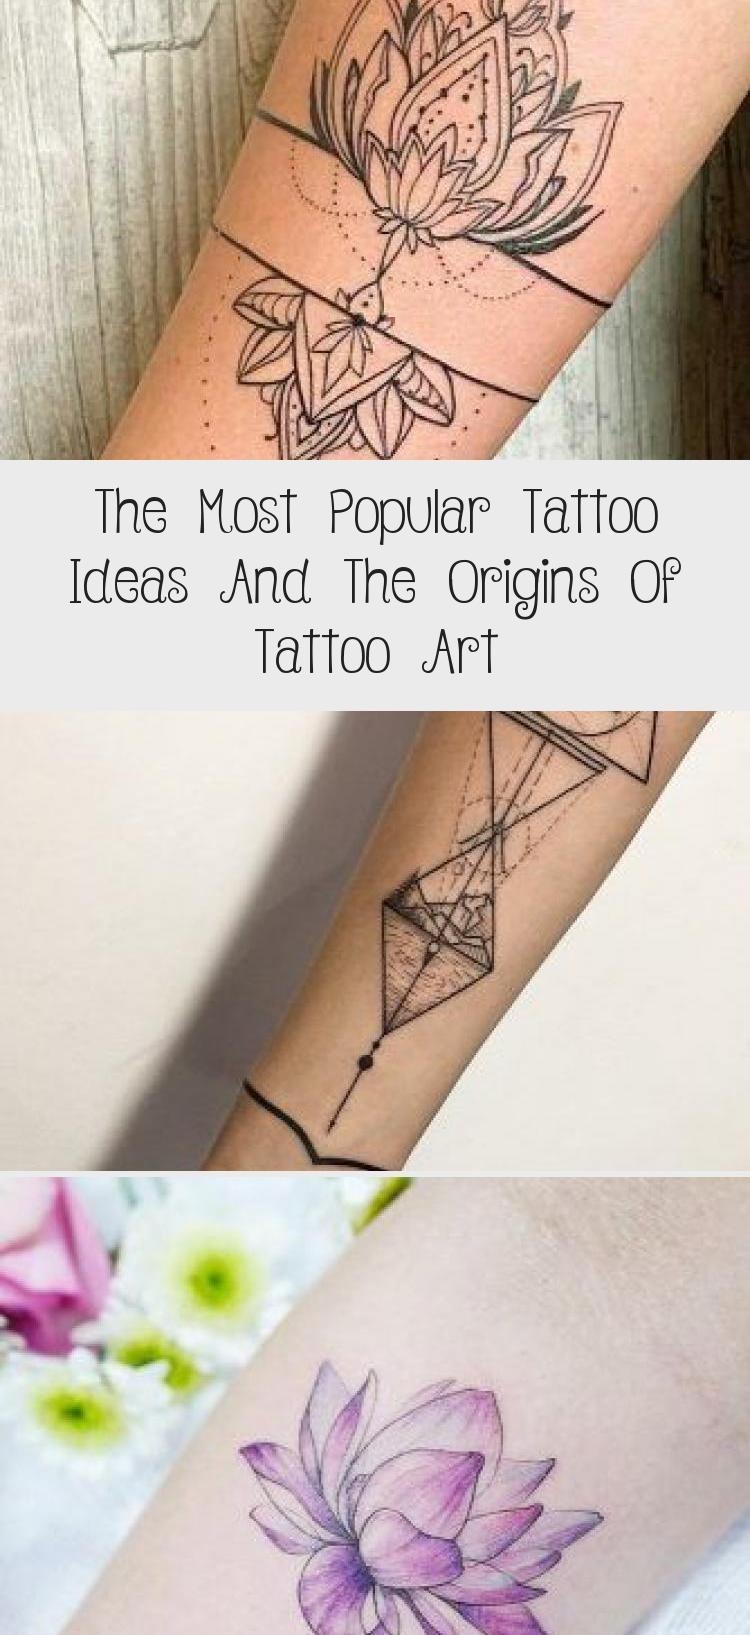 Photo of Les idées de tatouage les plus populaires et les origines de l'art du tatouage – Body Art Tattoo